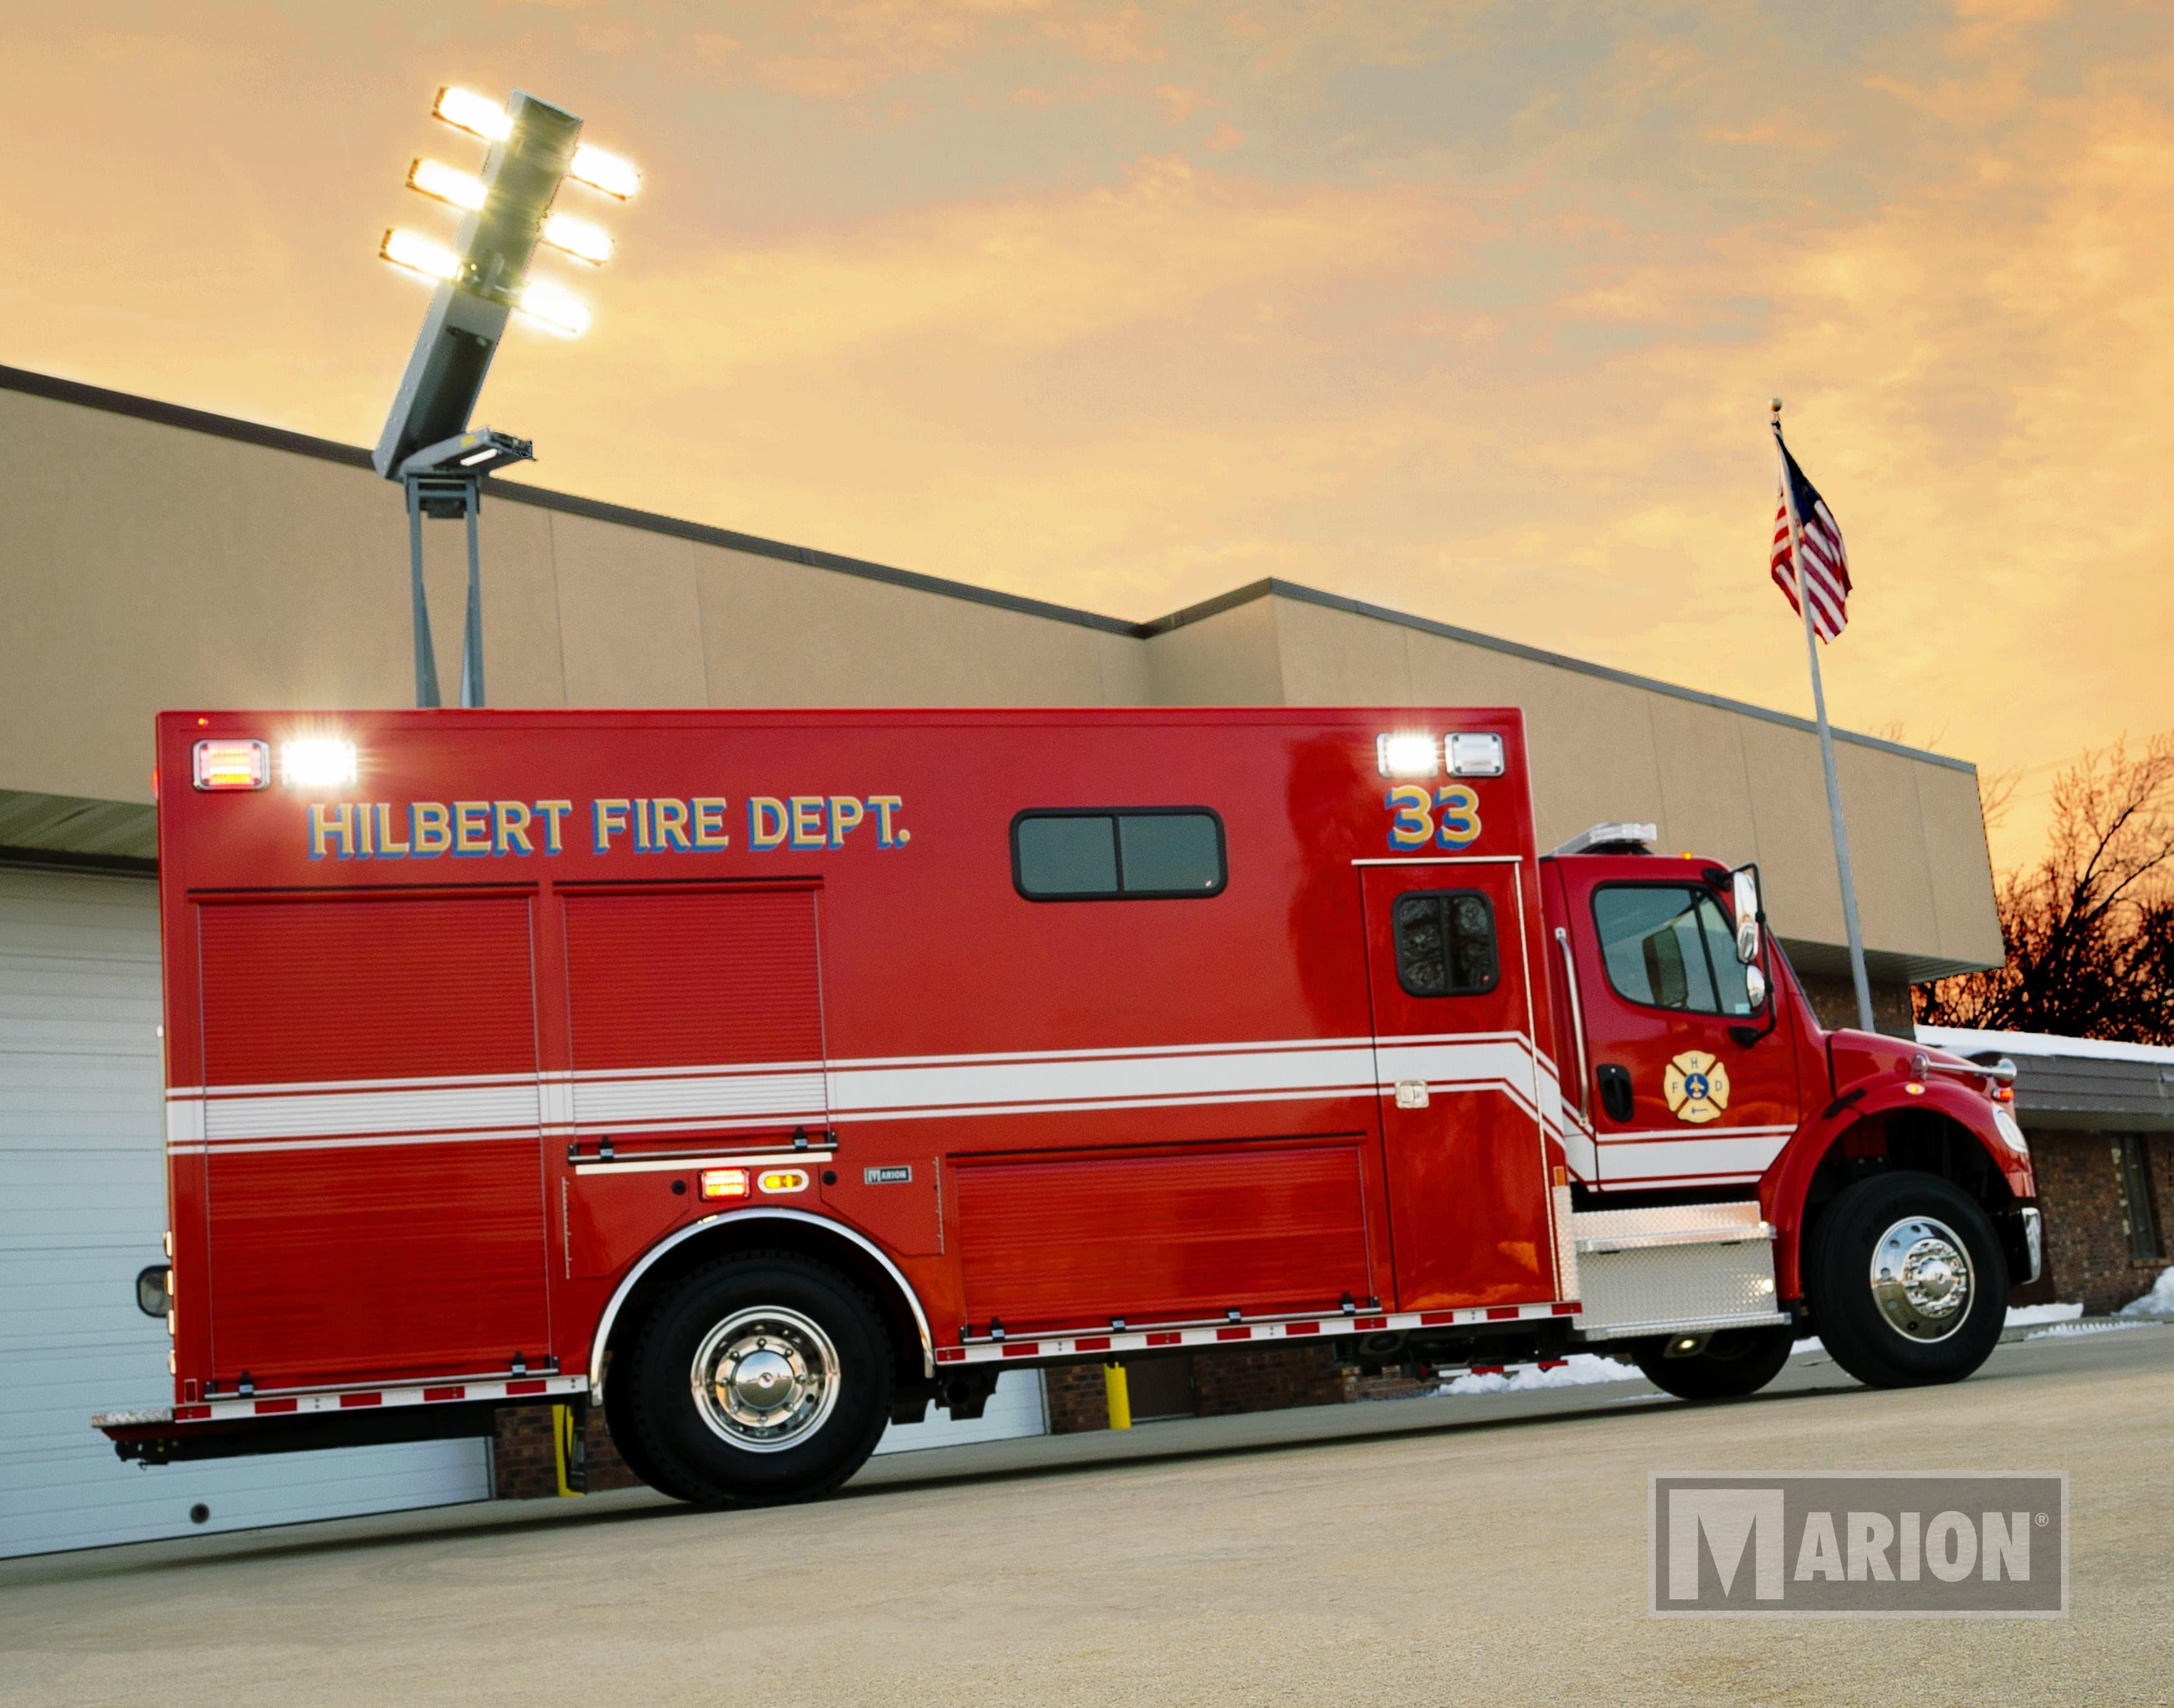 Hilbert Fire Department